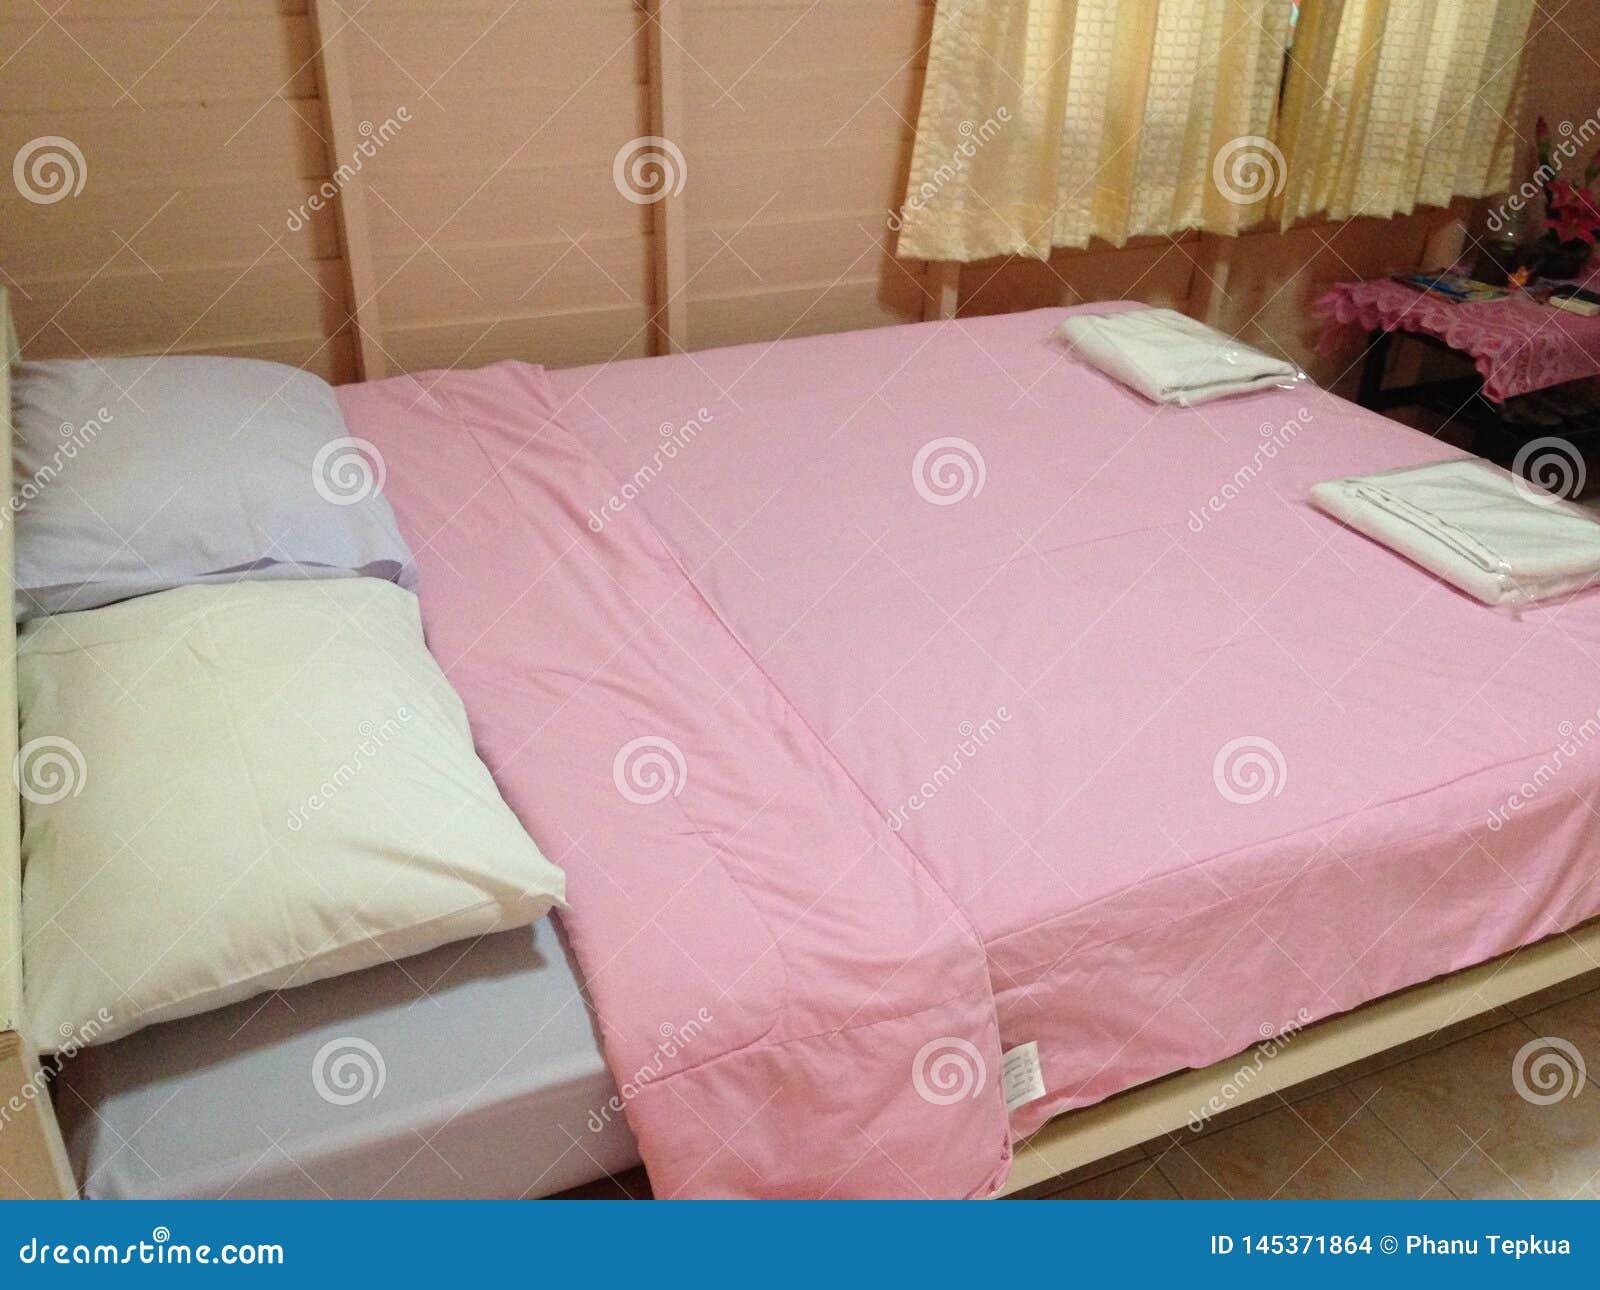 Bedroom in Thai resort style